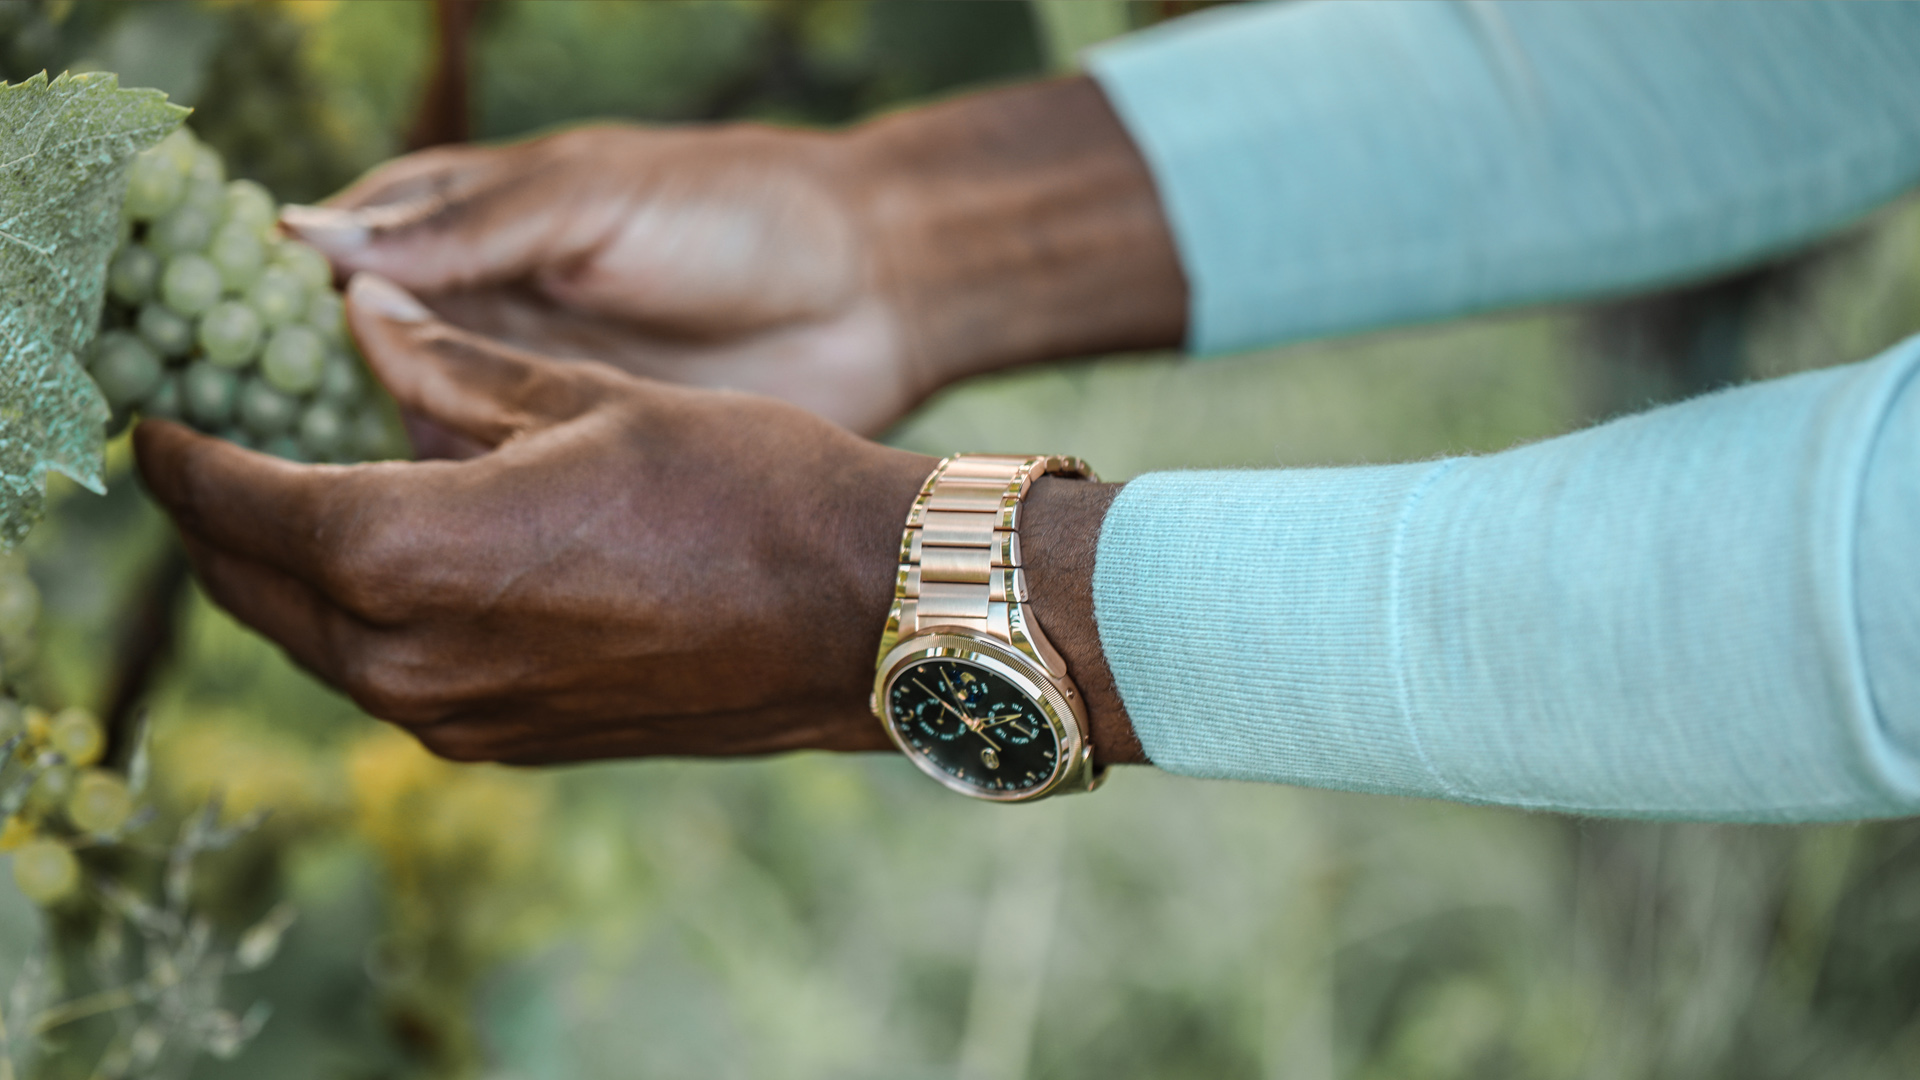 ساعات توندا Tonda PF من برميجياني فلورييه بتصميم أنيق